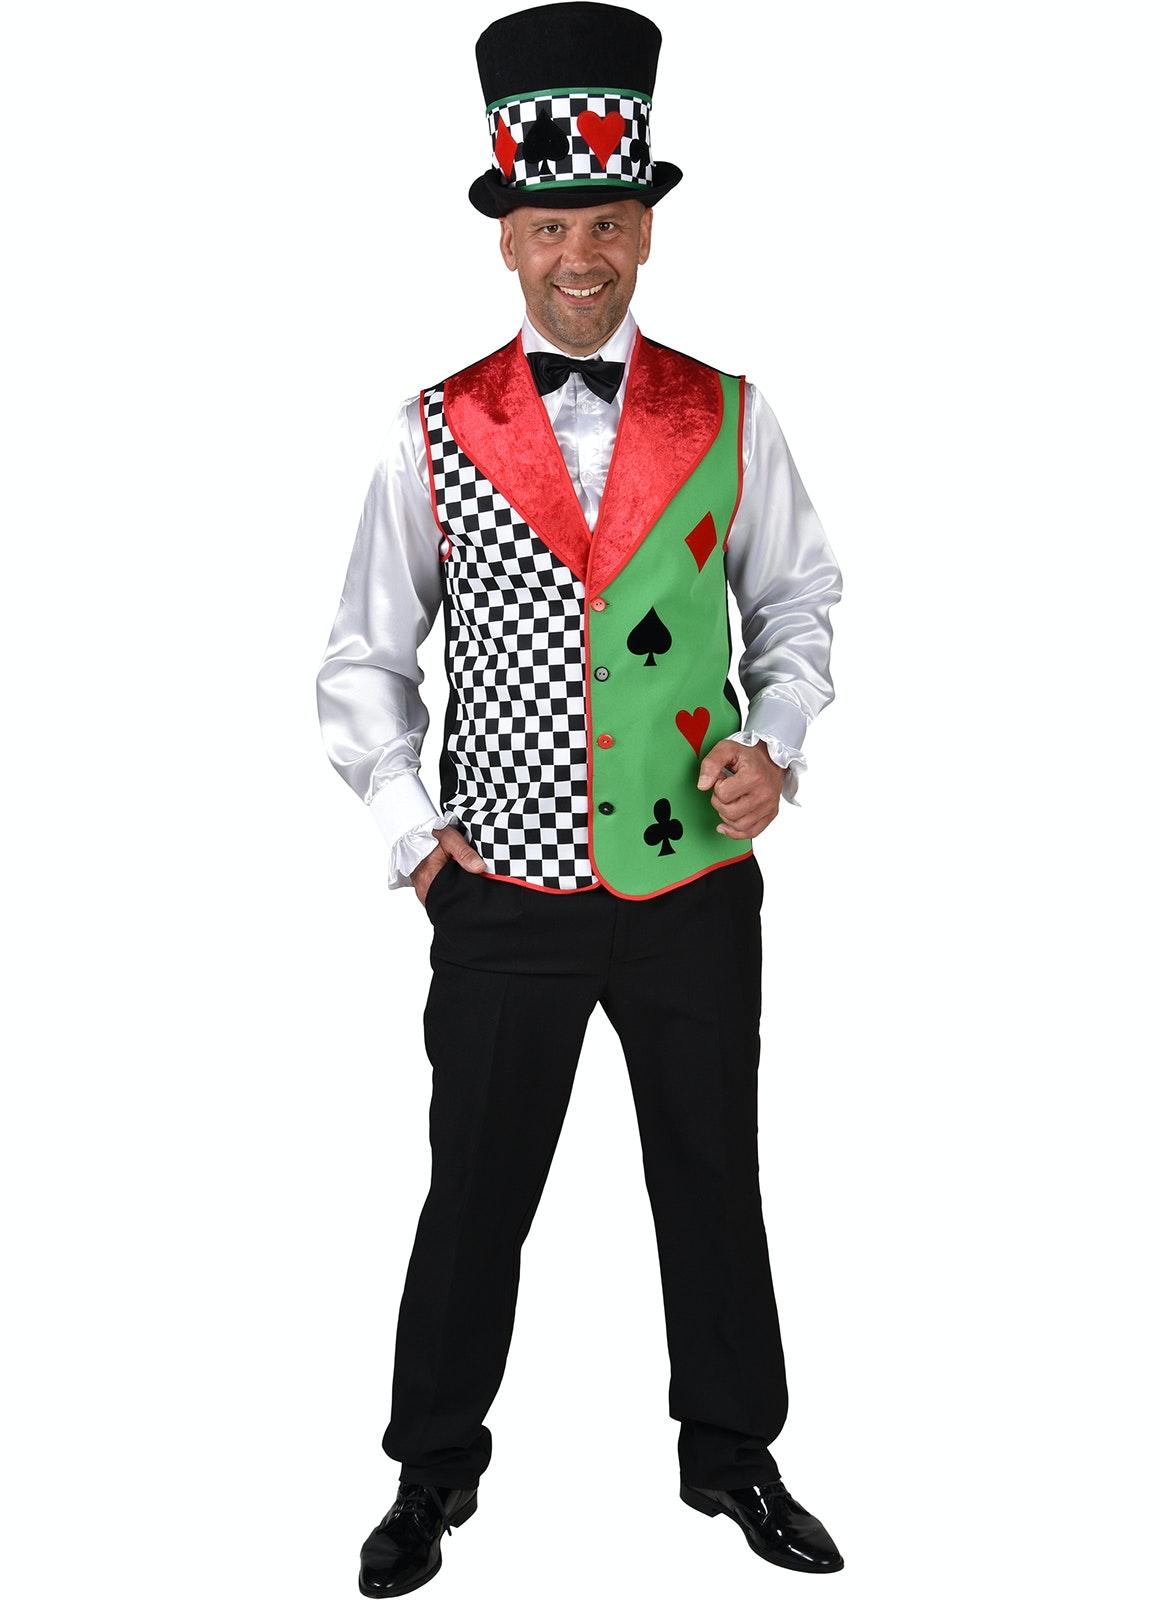 Cardplayer Joker vest